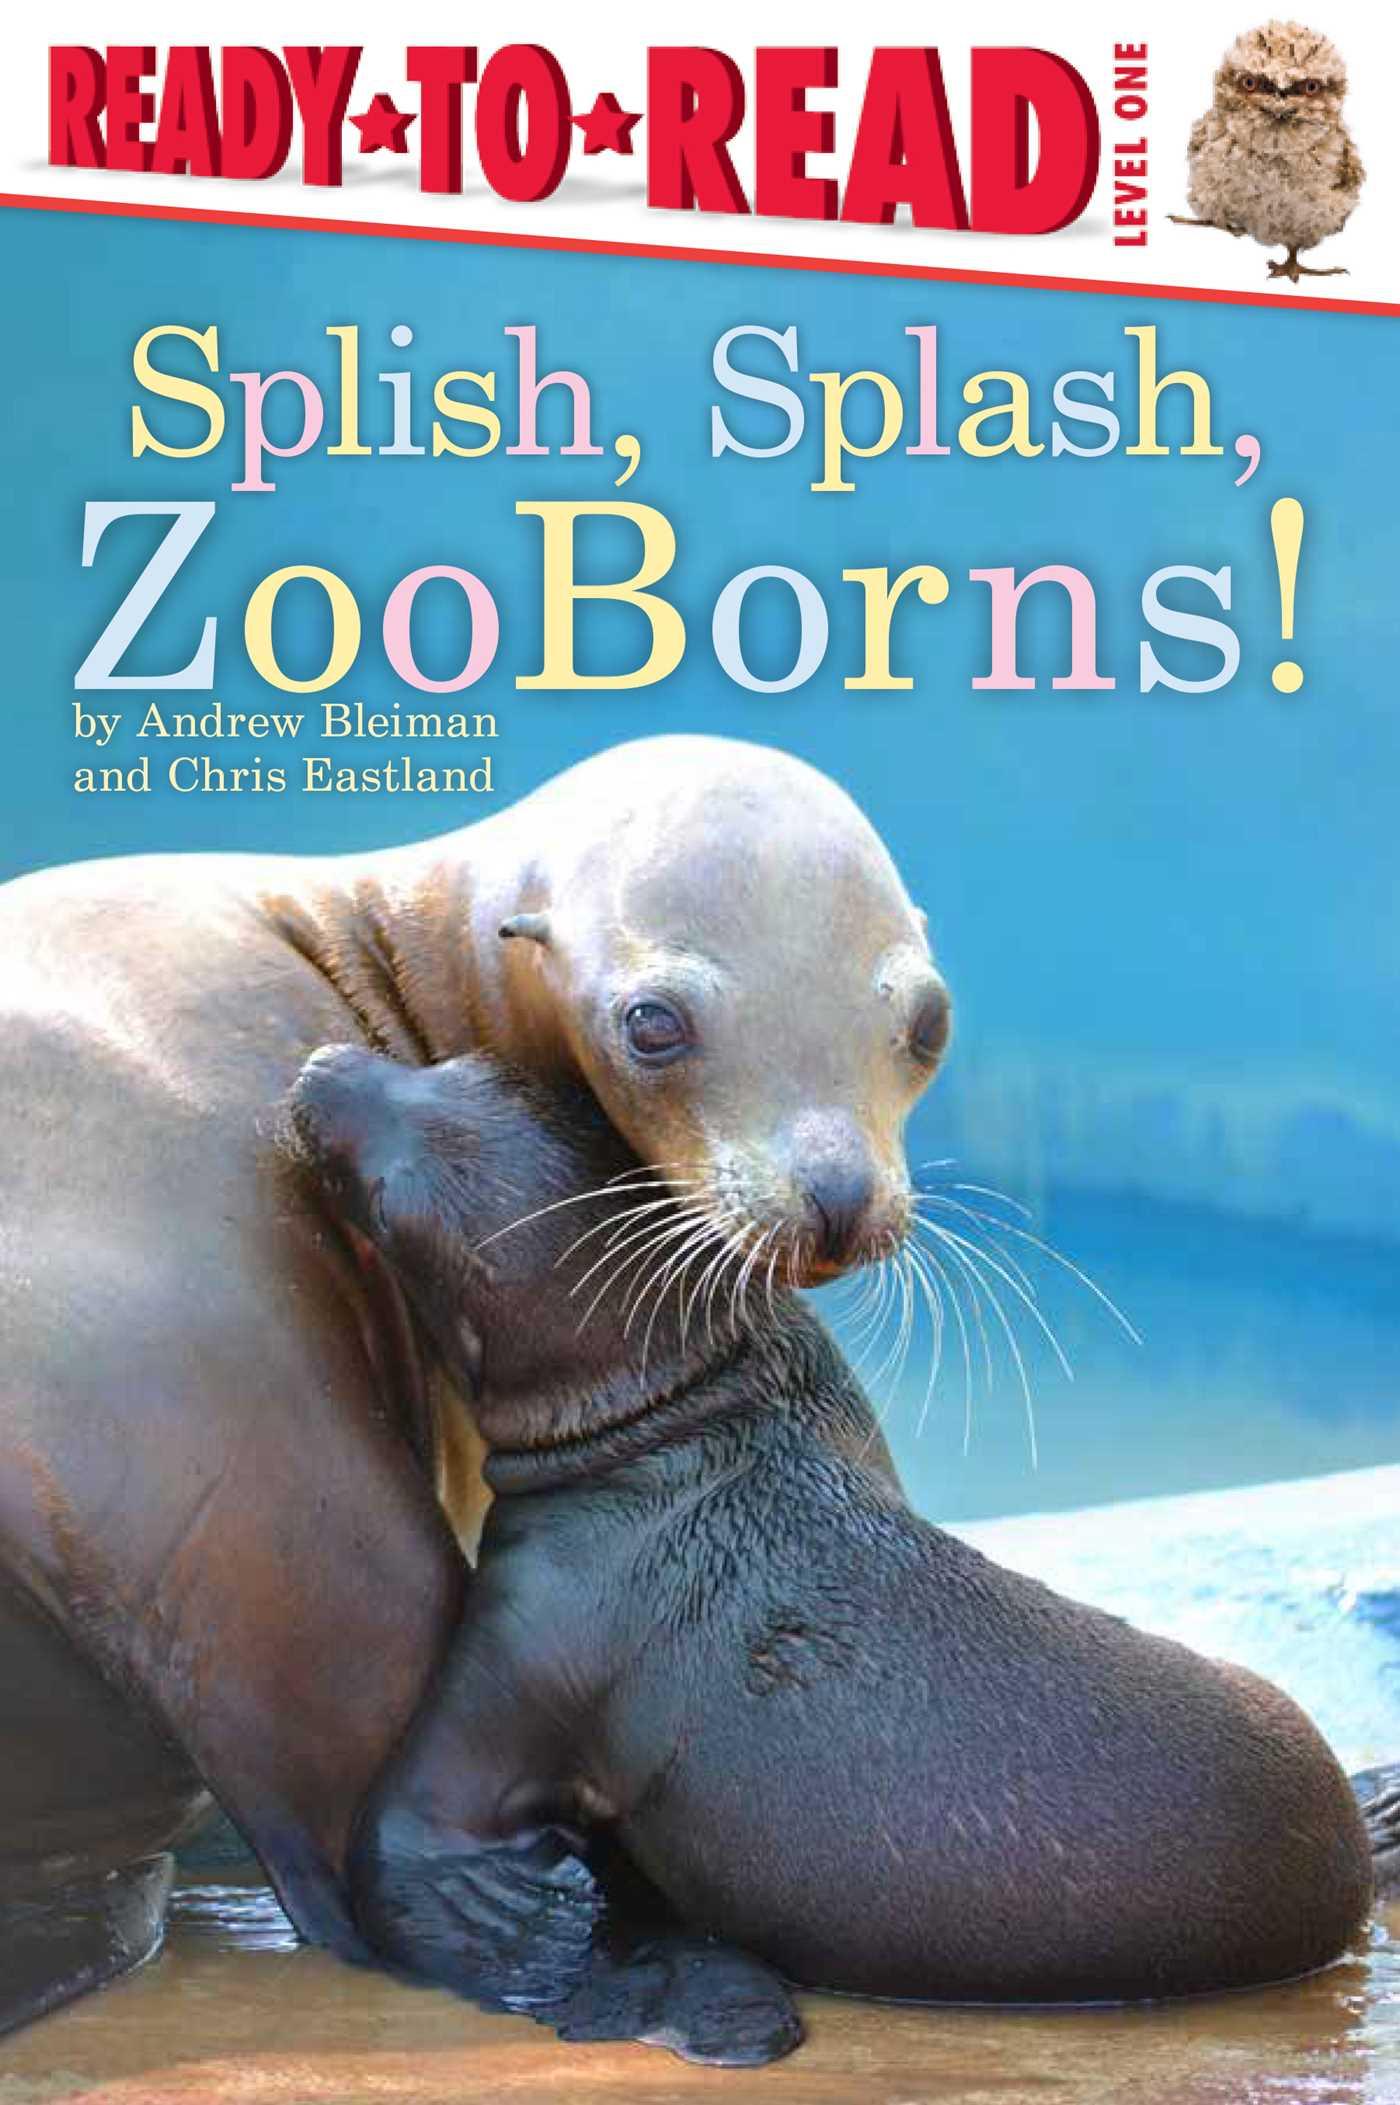 Splish splash zooborns 9781481430975 hr